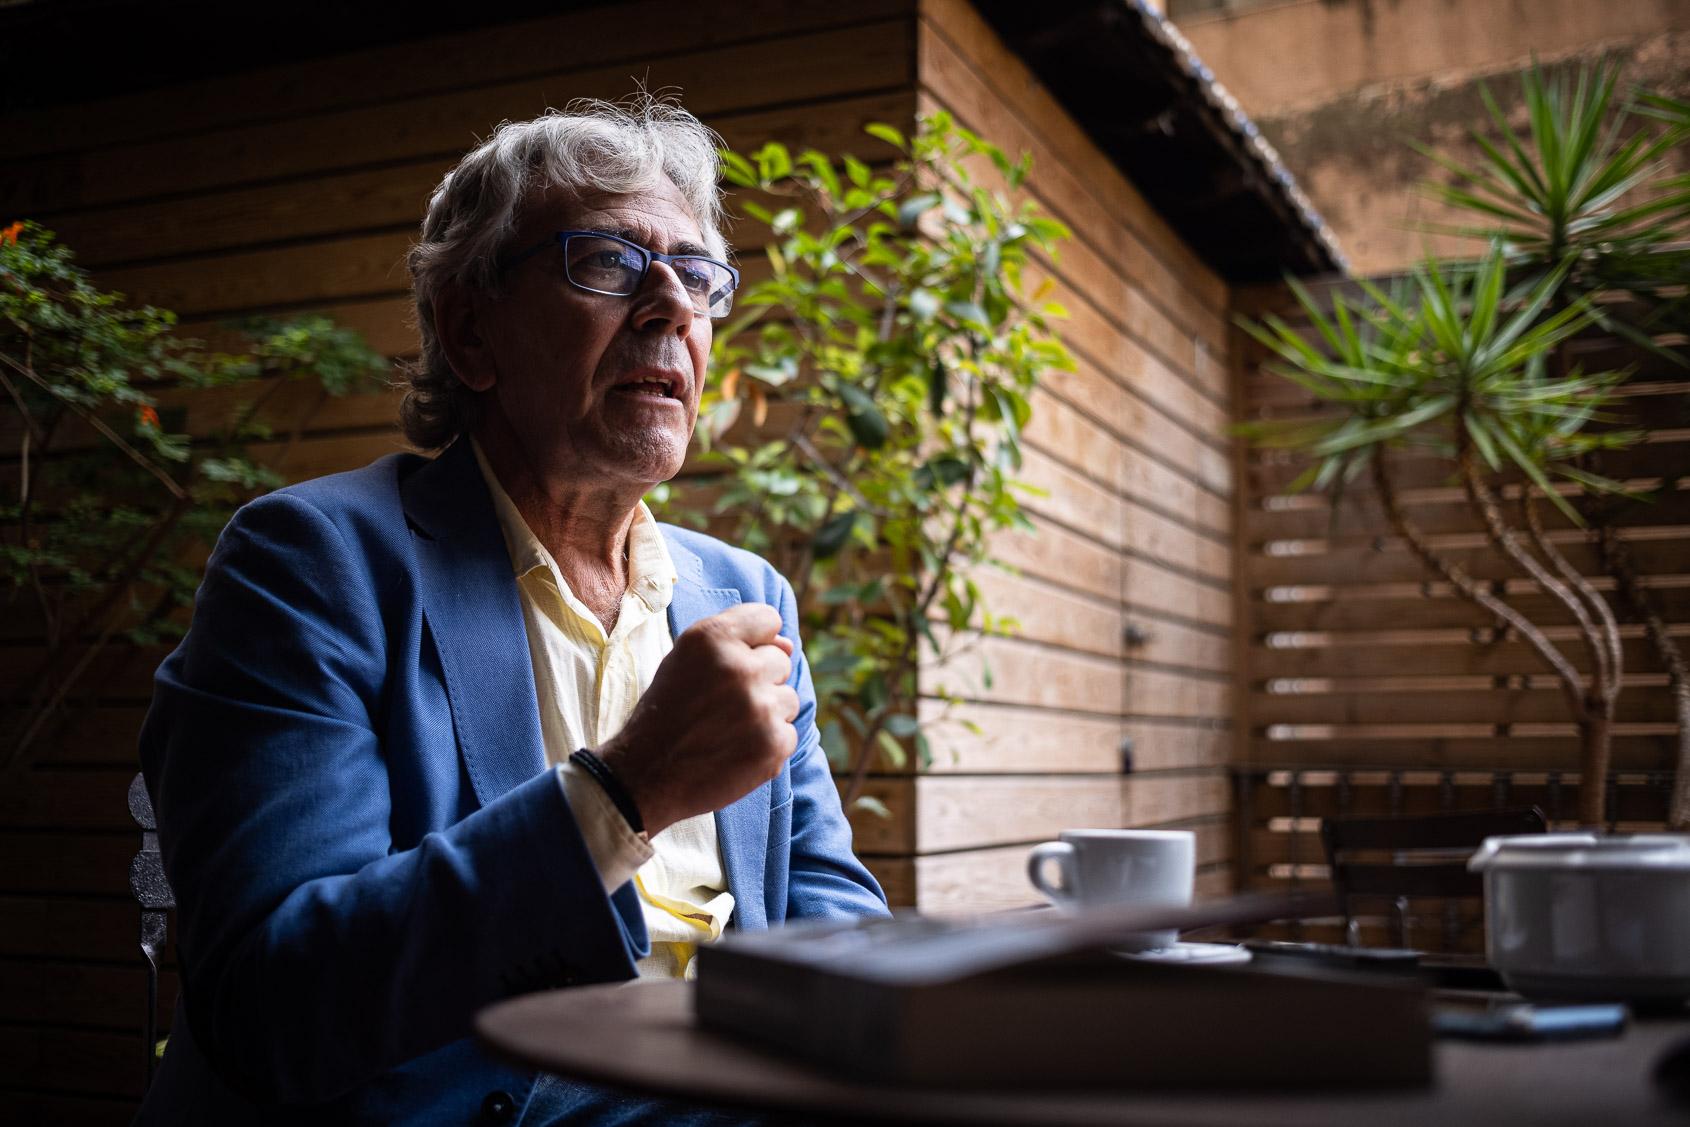 Toni Bolaño, periodista autor del llibre 'Moncloa. Iván Redondo. La política o el arte de lo que no se ve' / Jordi Borràs